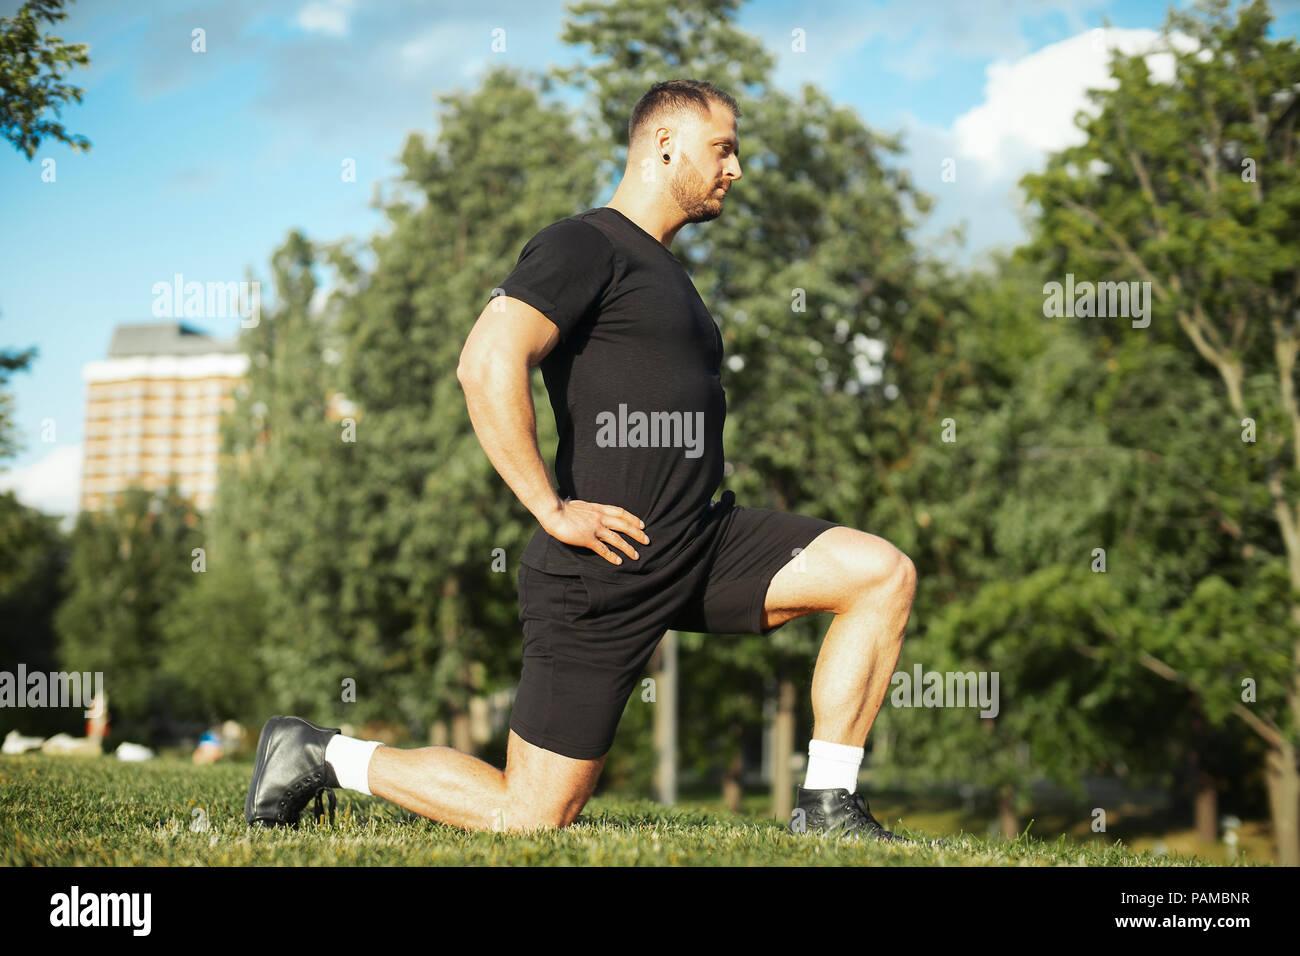 Jeune homme séduisant qui s'étend les jambes à l'extérieur faisant l'avant sur une jambe l'homme est sur le point de mire et de premier plan, arrière-plan est flou. Photo Stock